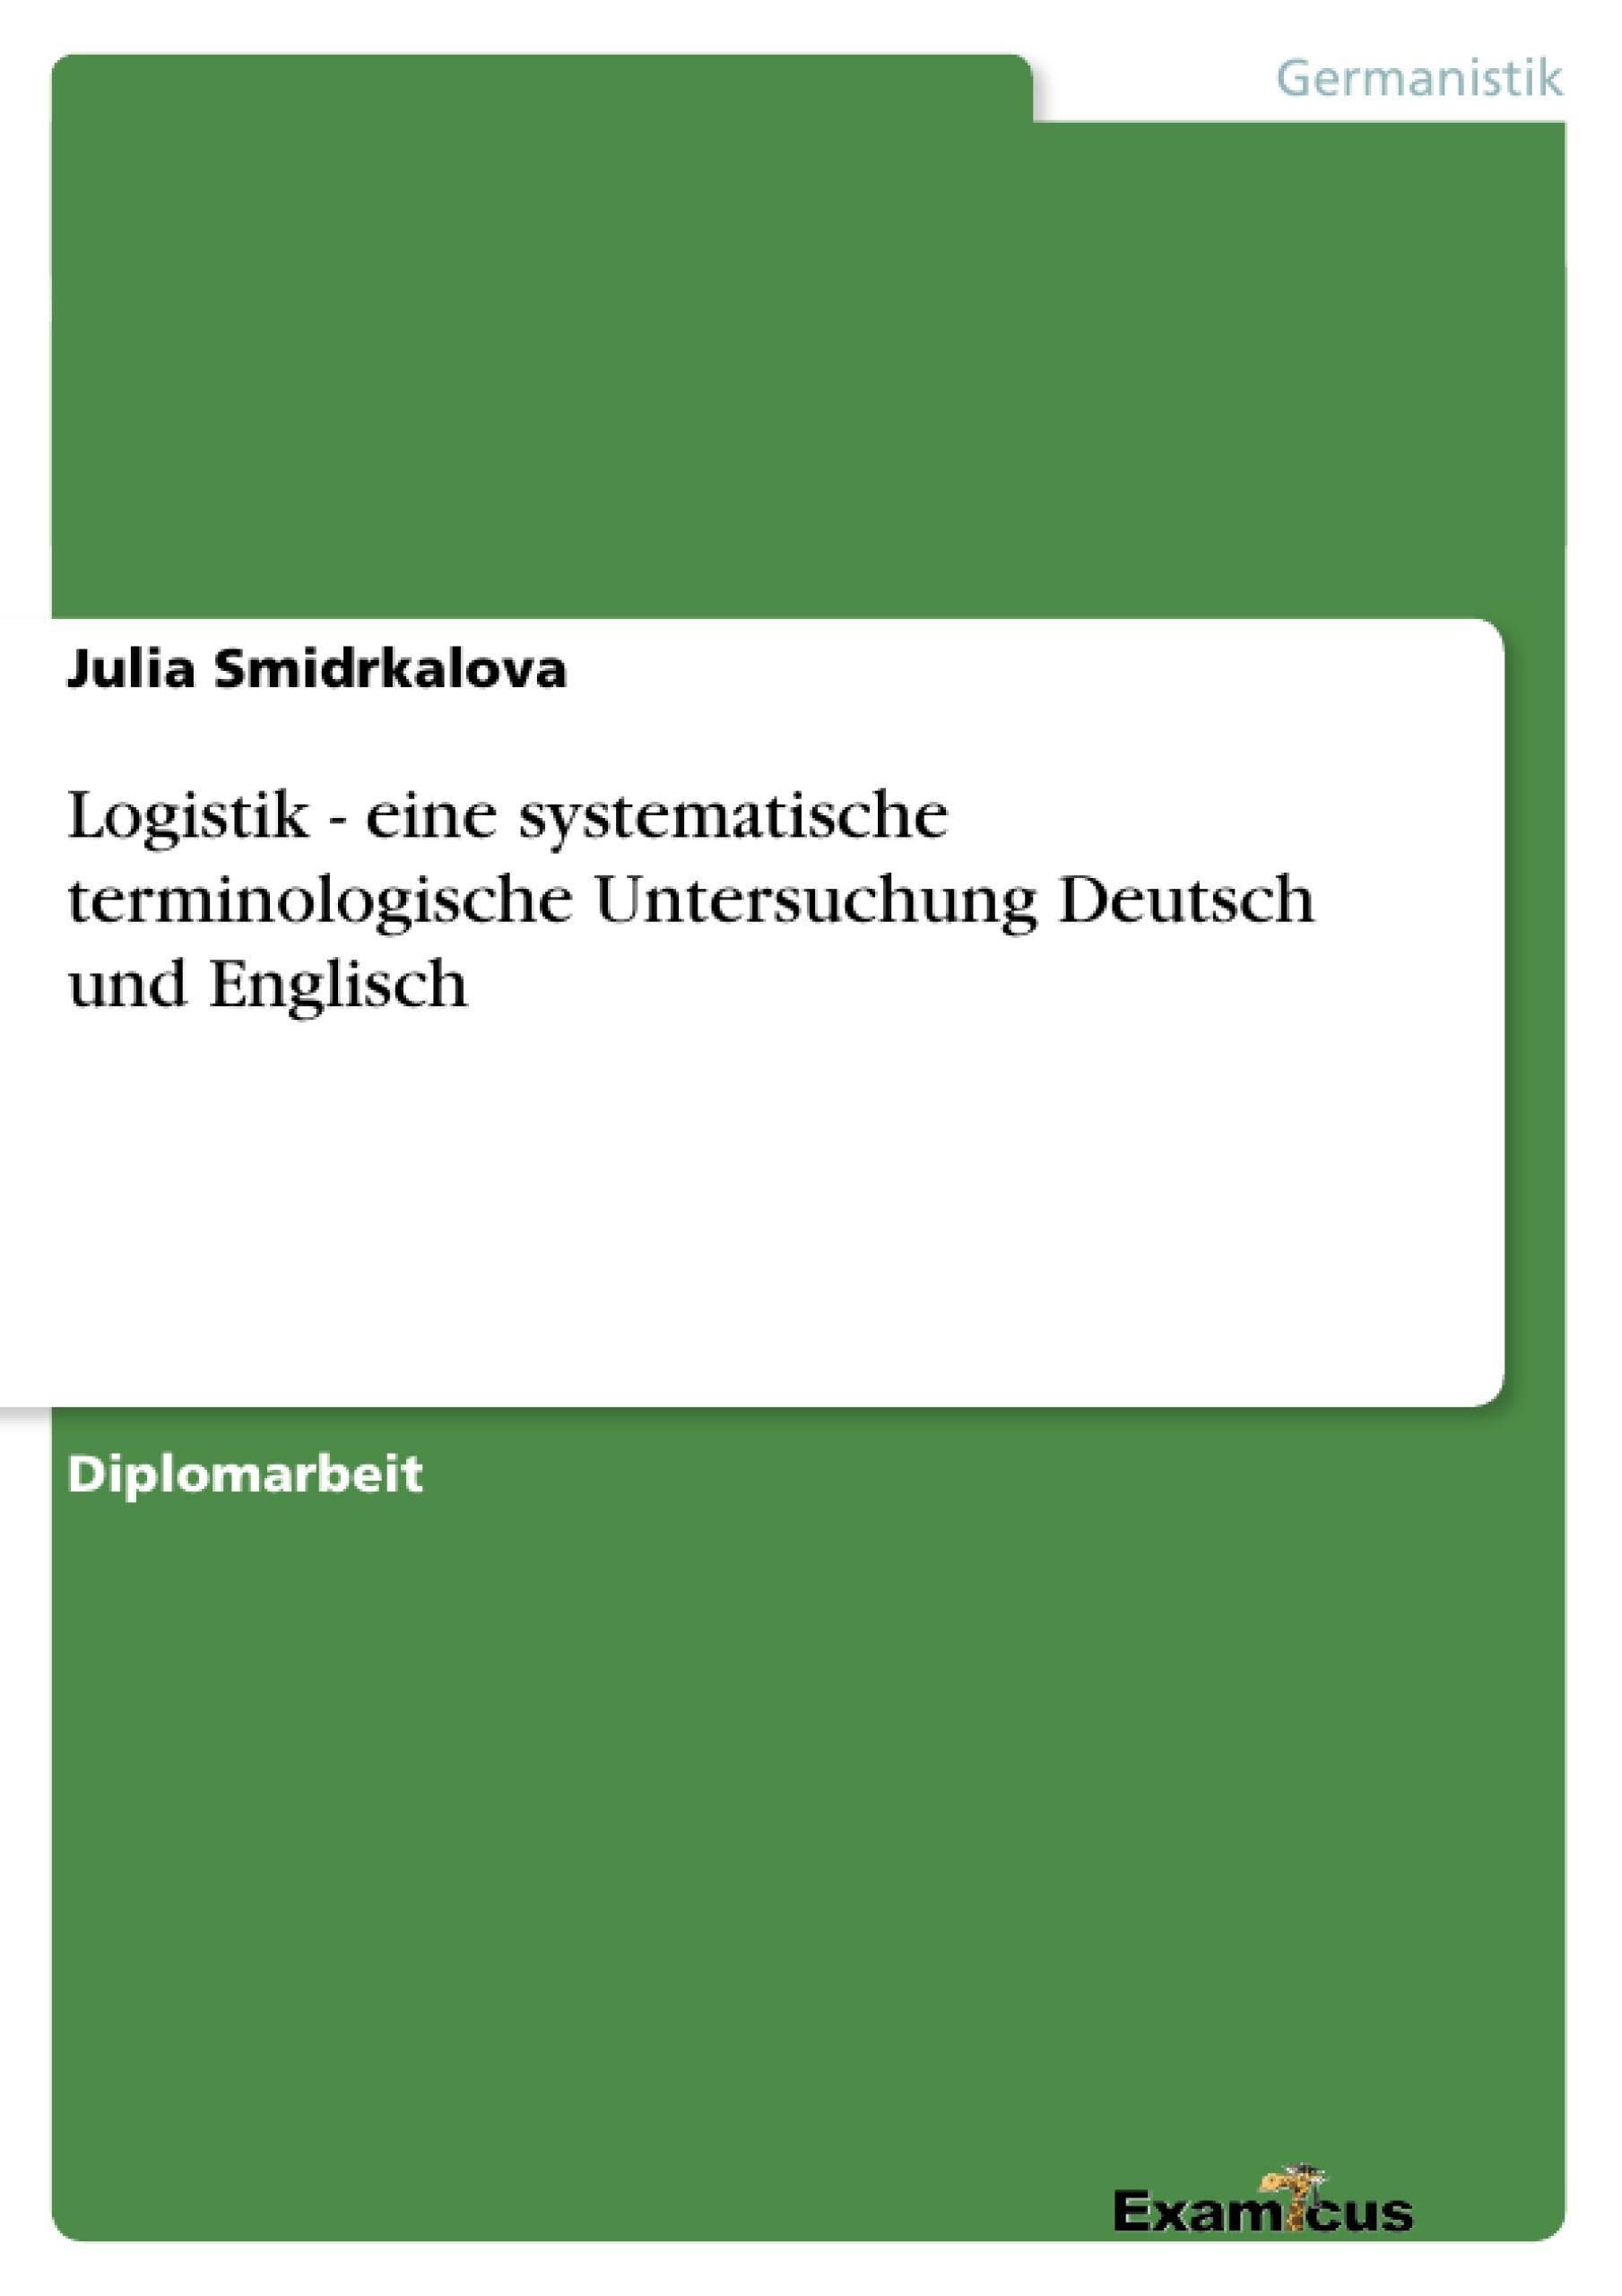 Titel: Logistik - eine systematische terminologische Untersuchung Deutsch und Englisch